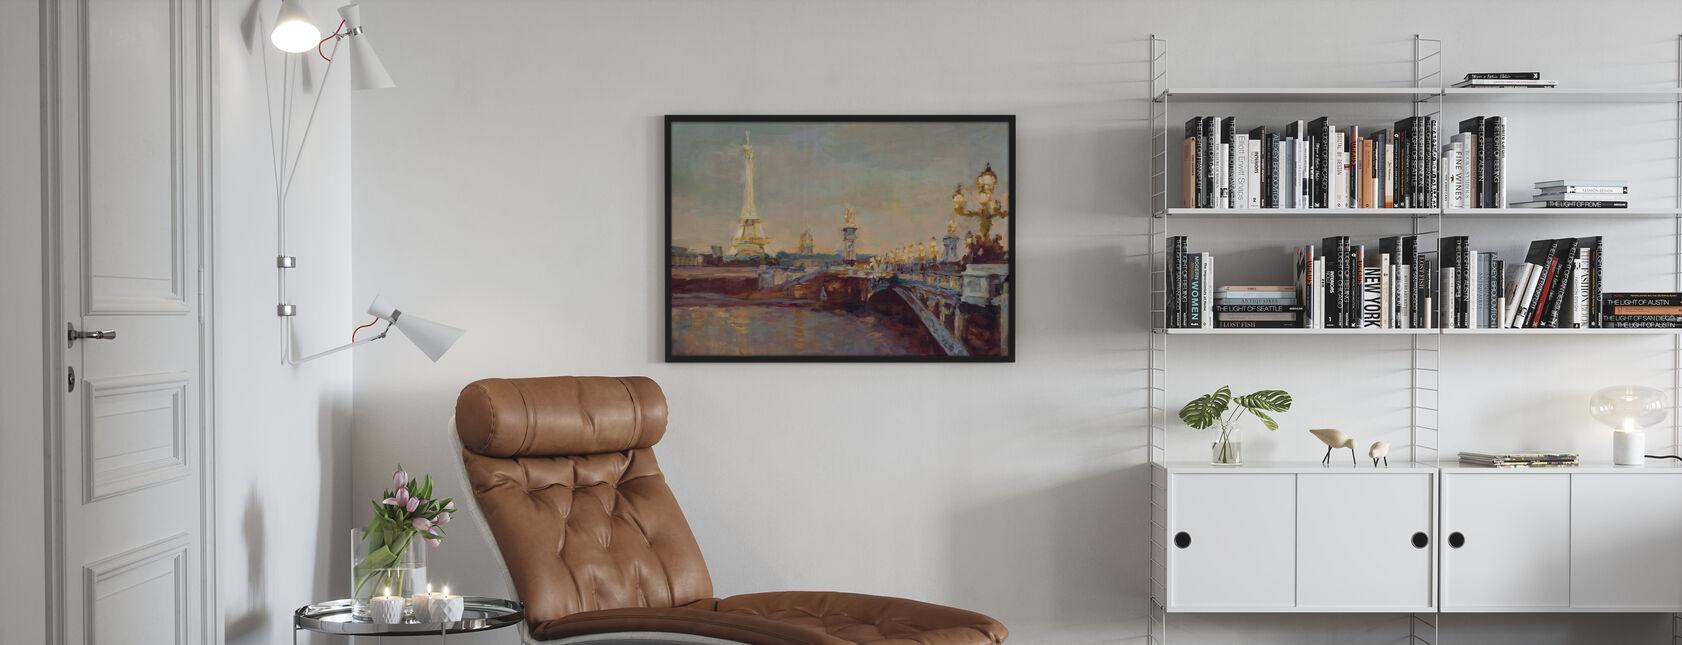 Pariser Abend - Poster - Wohnzimmer